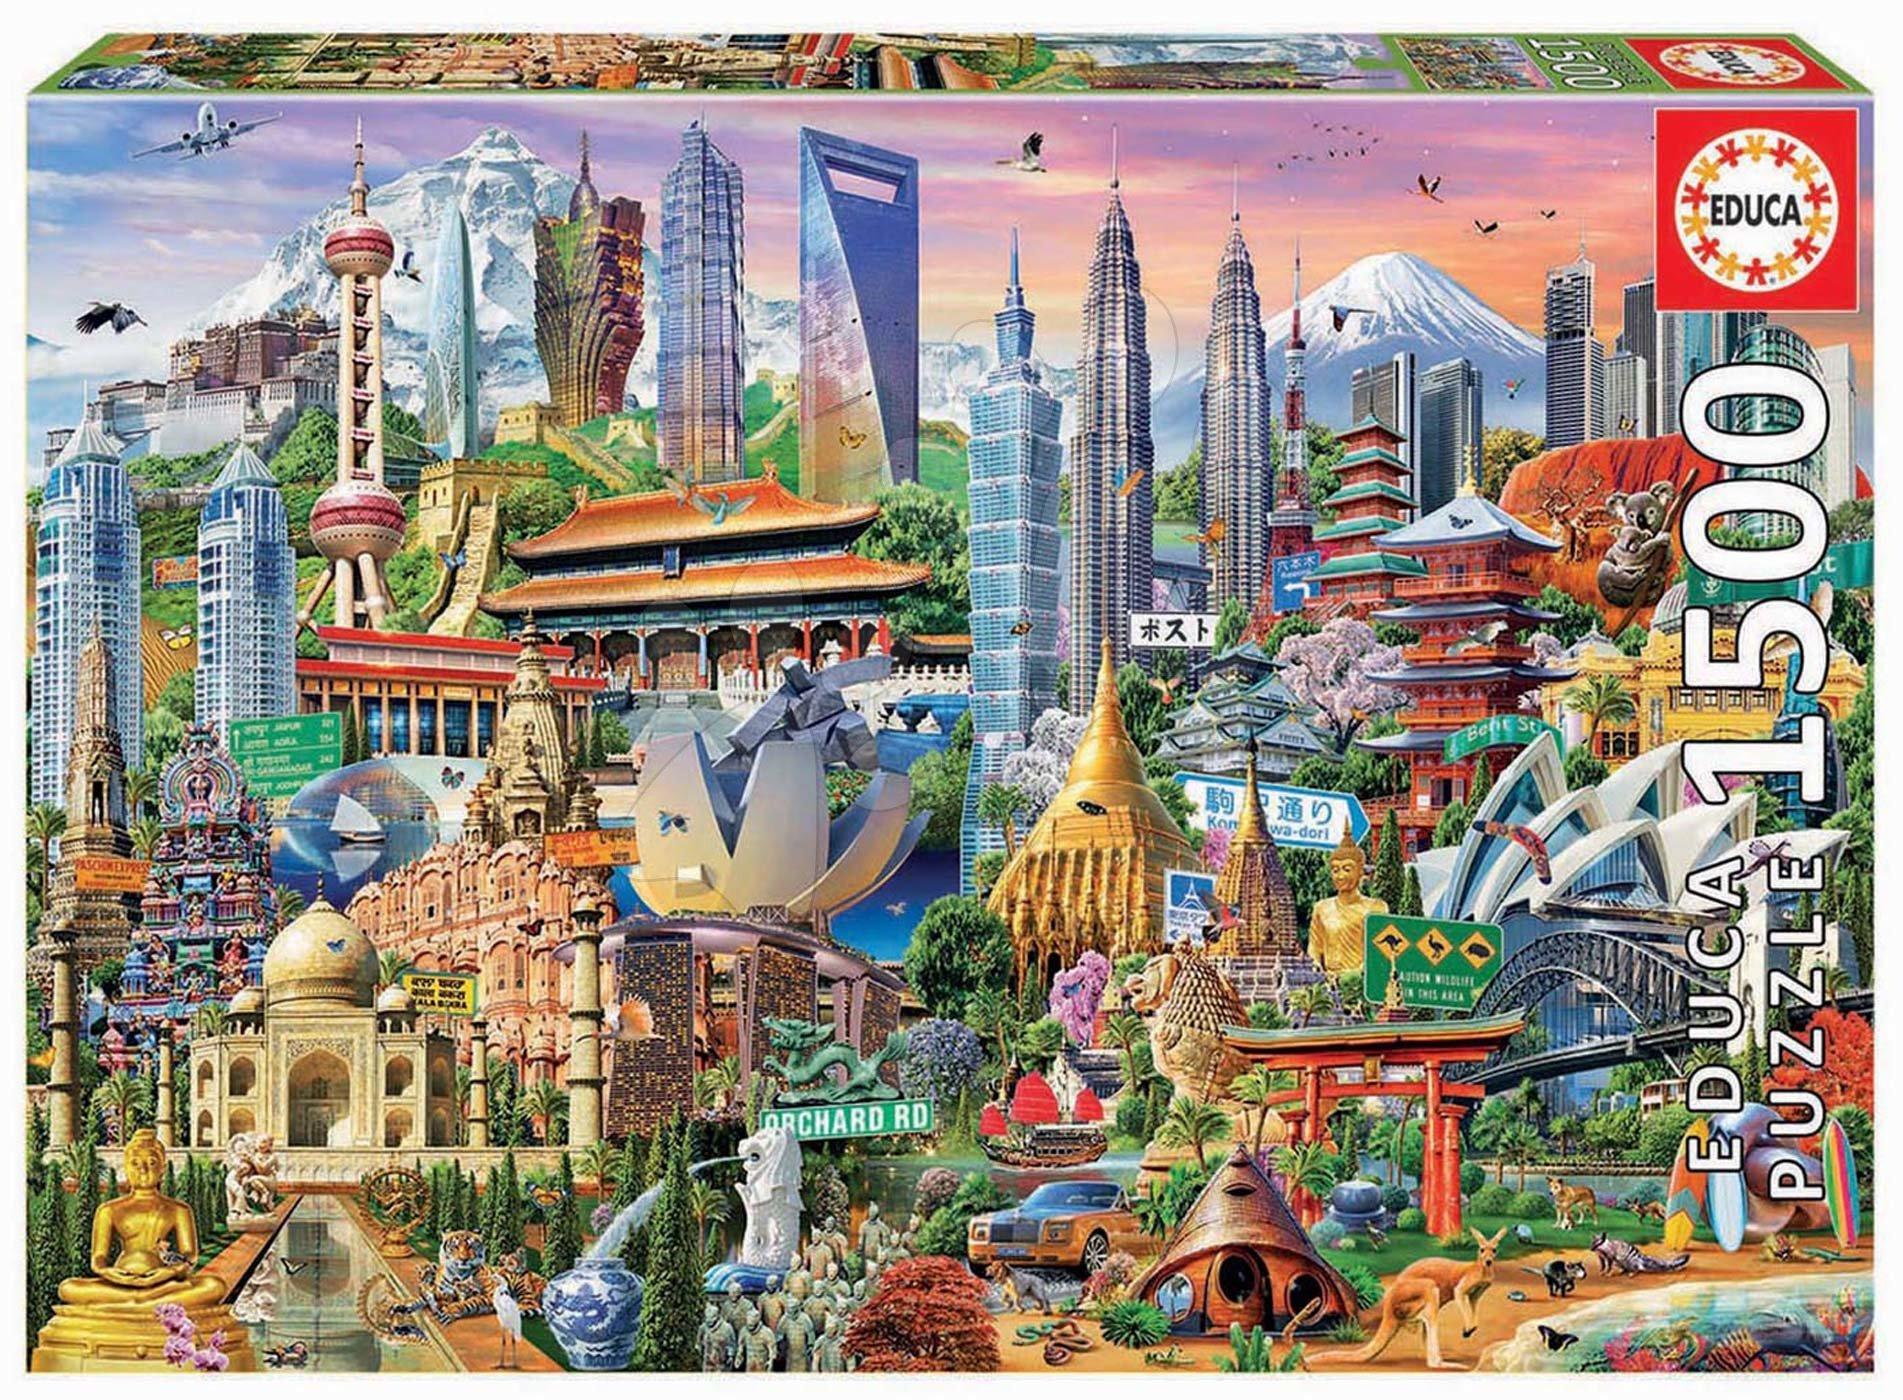 Puzzle Asia Landmarks Educa 1500 dílků a Fix lepidlo od 11 let